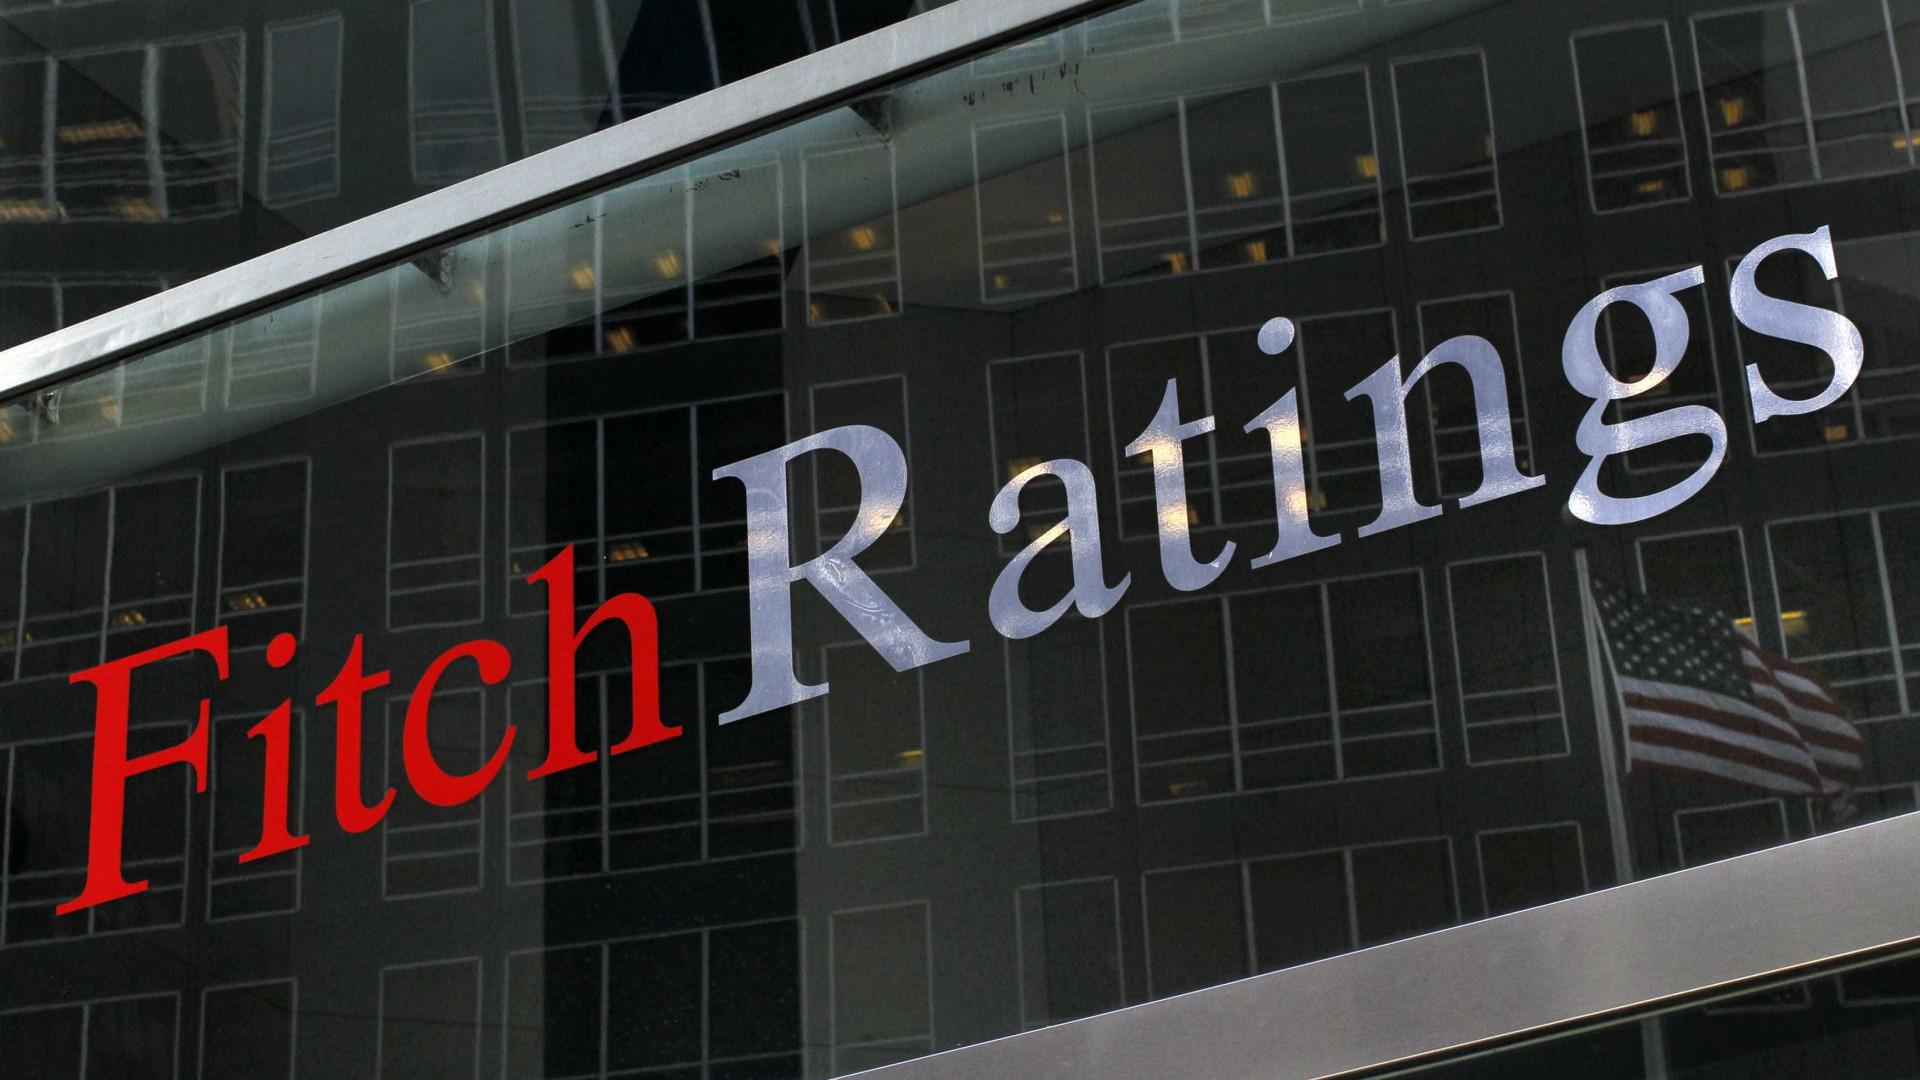 Fitch reconhece melhorias na banca lusa, mas alerta para má qualidade